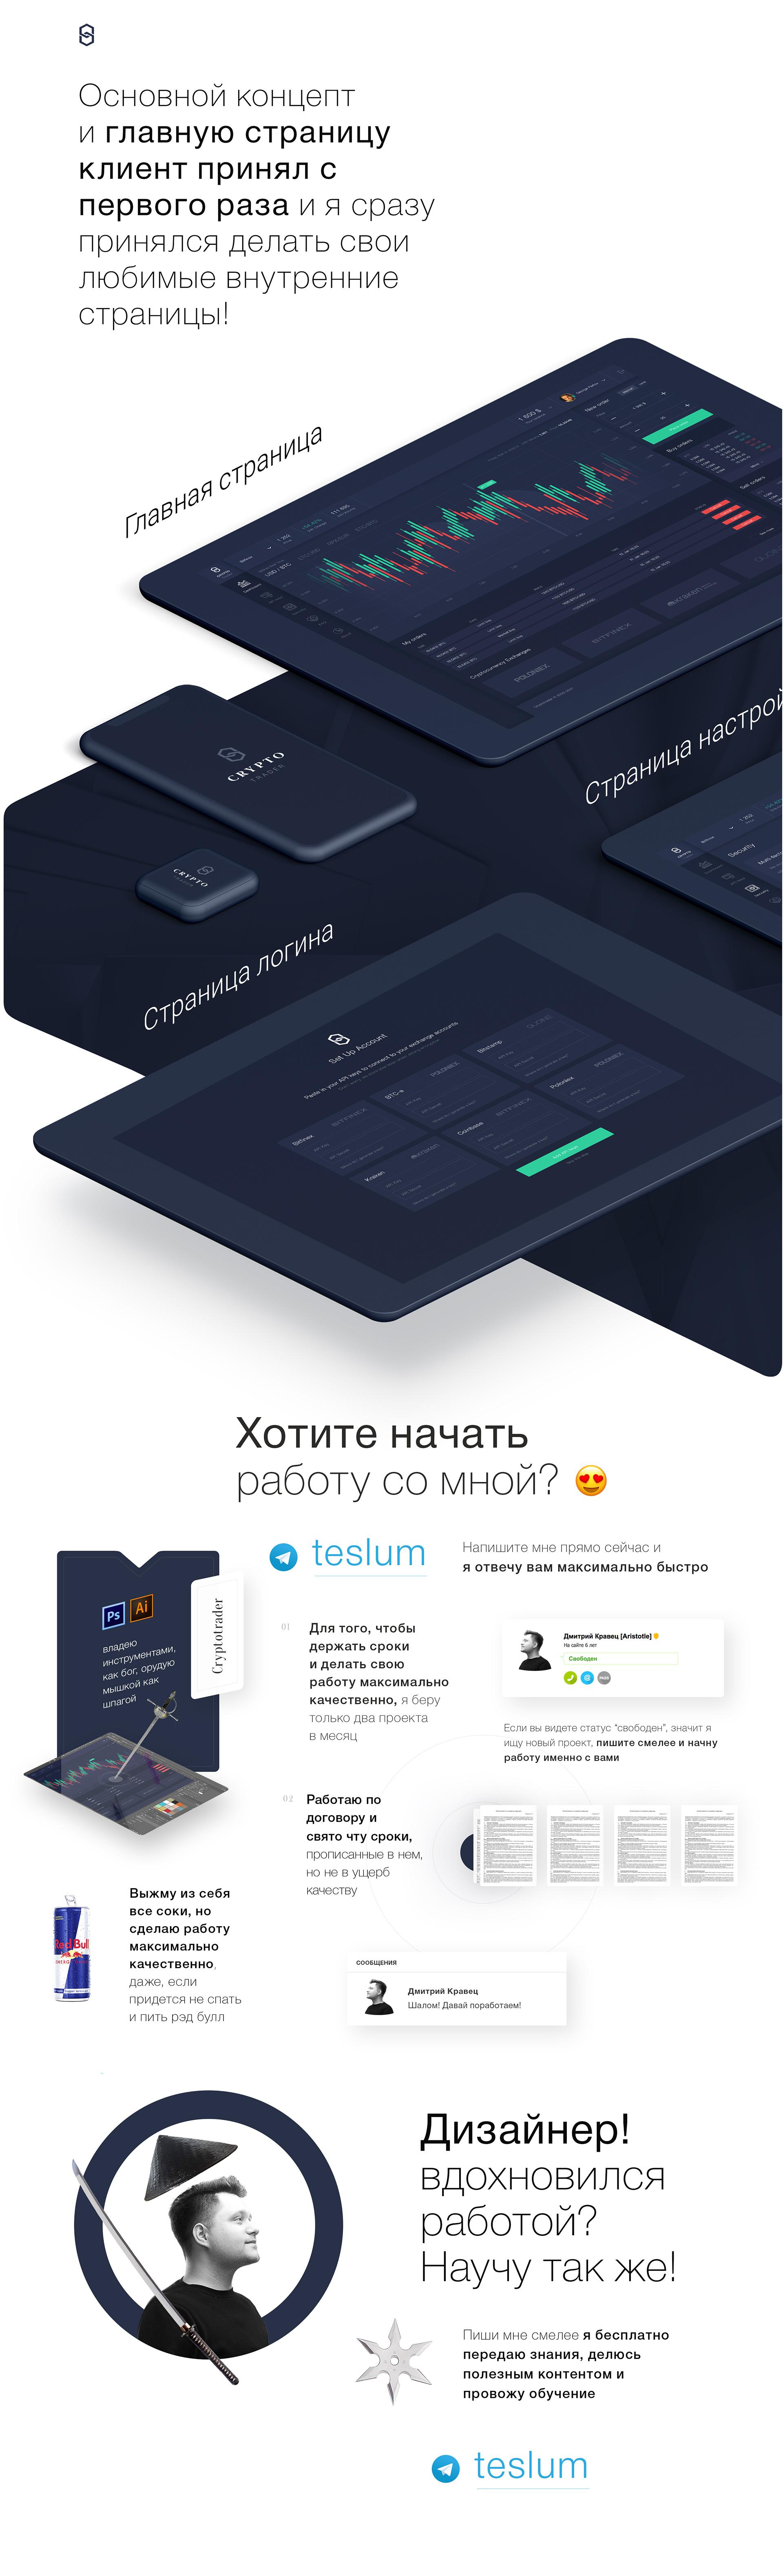 Cryptotrader – кейс по разработке дизайна криптовалютной биржи